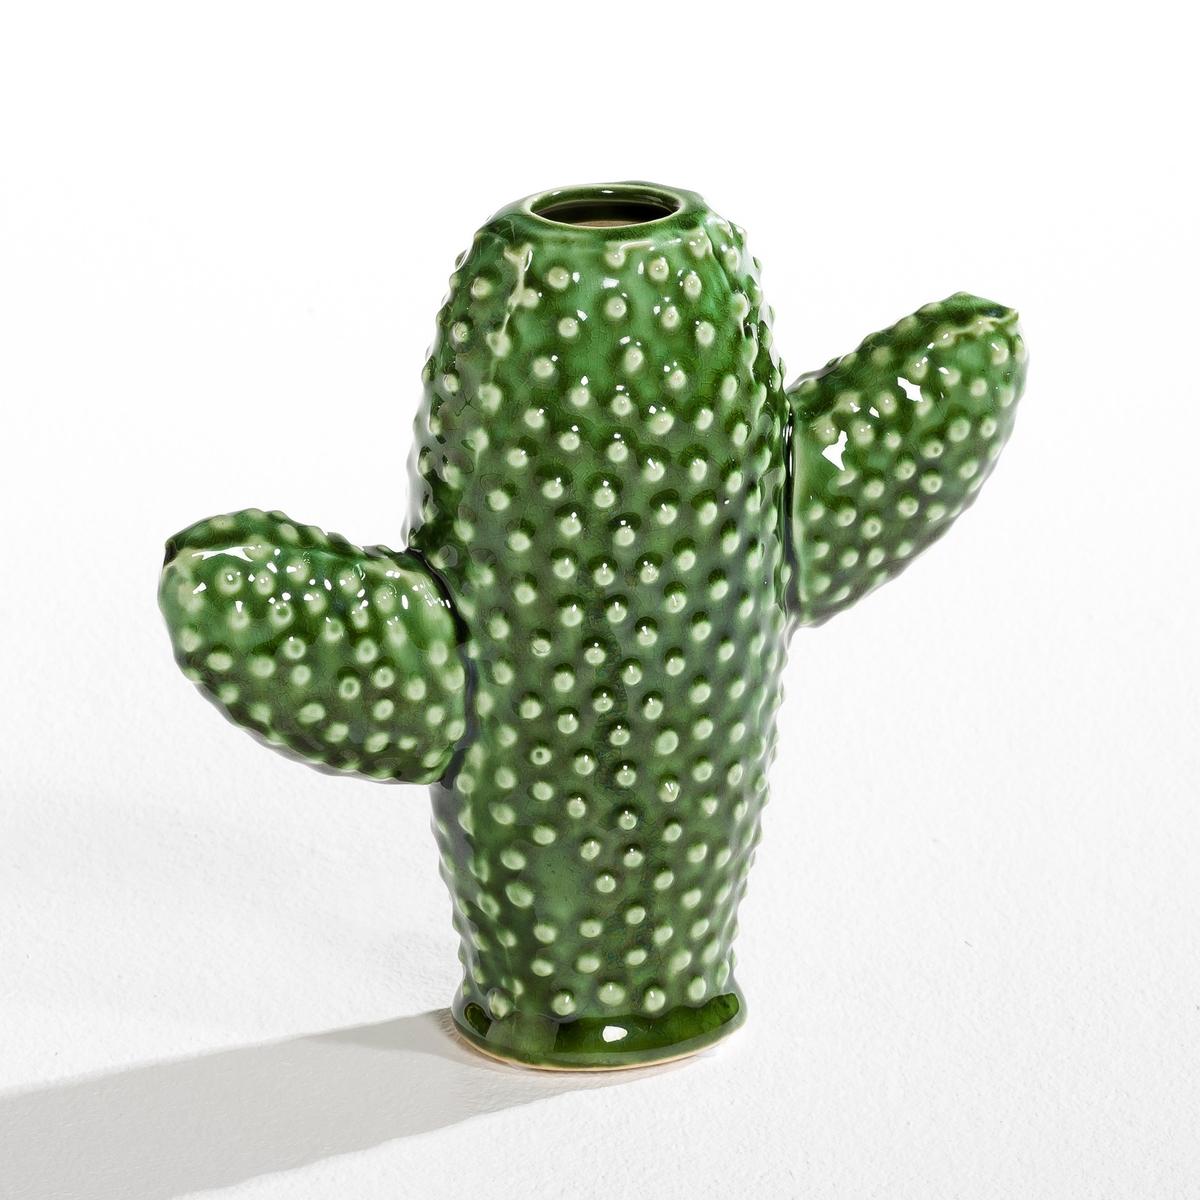 Ваза Cactus, высота 20 см, дизайн М. Михельссен для SeraxВаза Cactus. Творение Мари Михельссен для Serax. Мари Михельссен - дизайнер. Она черпает вдохновение в повседневной жизни и в различных элементах, которые стимулируют ее дух. Ее ощущения претворяются в оригинальные предметы, такие как эта ваза в форме кактуса.Характеристики :- Ваза для одного цветка в форме кактуса с 2 ручками.- Из керамики, покрытой глазурью   .Размеры :- Ш.20 x В.20 x Г.7,5 см.<br><br>Цвет: зеленый